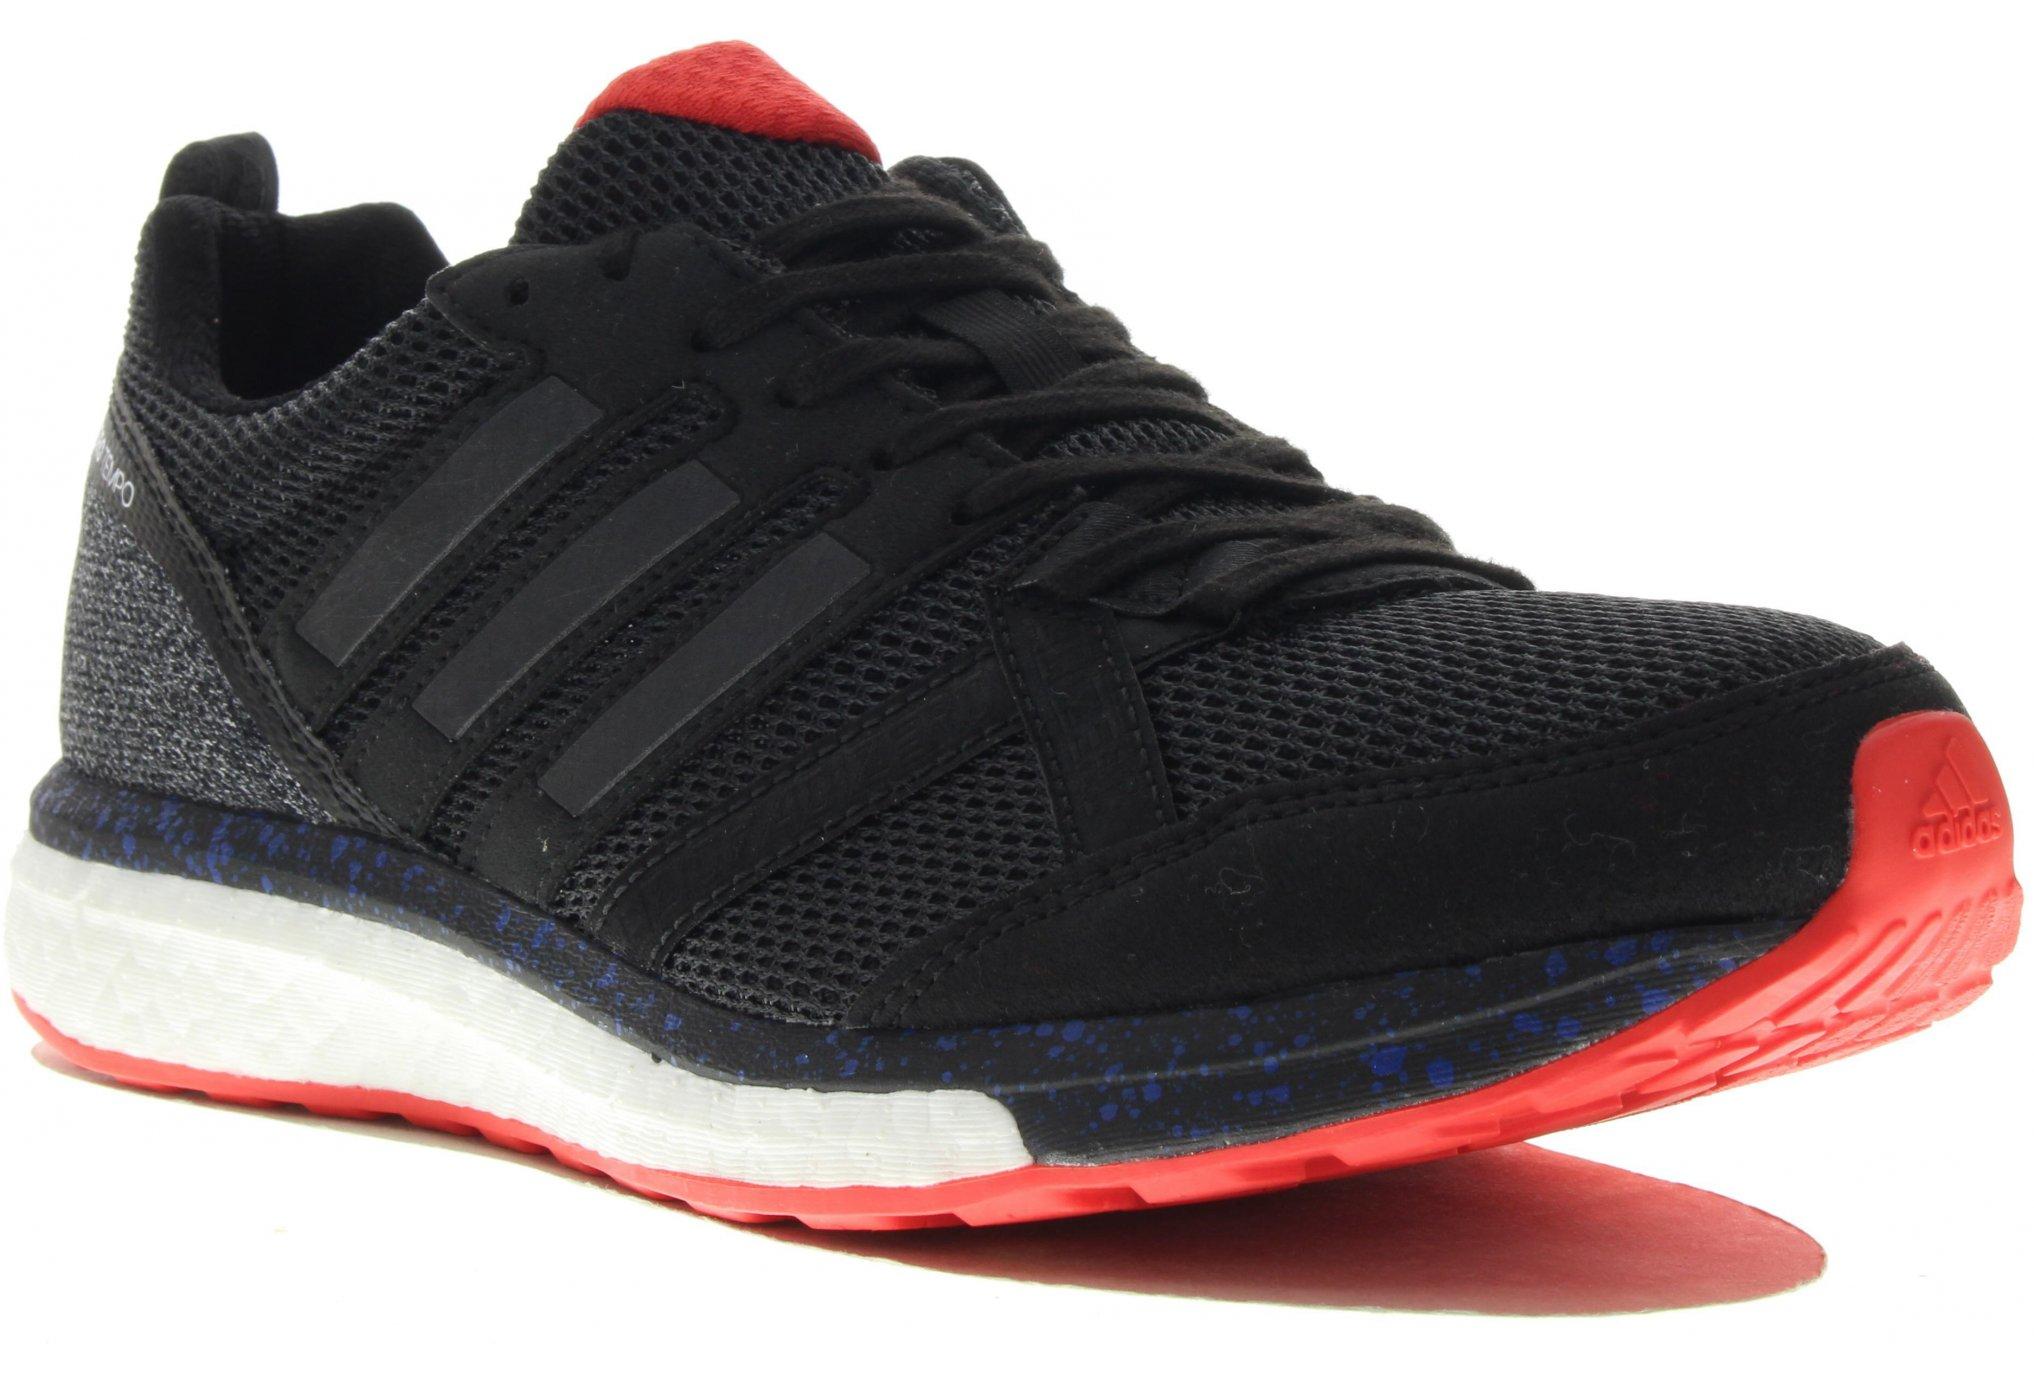 Adidas Adizero tempo 9 aktiv w diététique chaussures homme